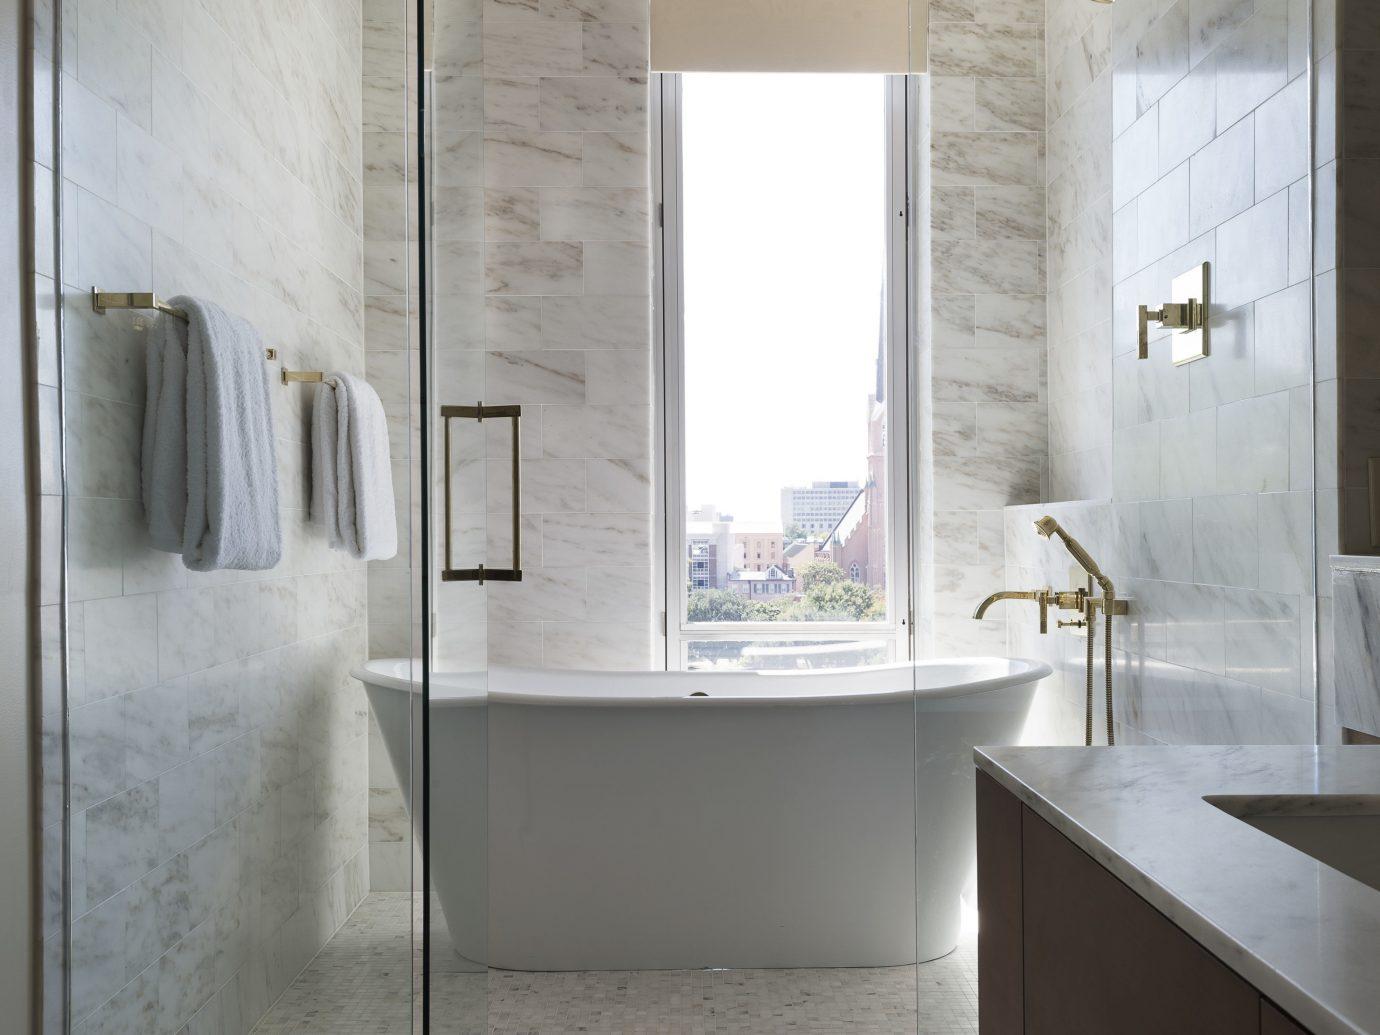 Hotels indoor bathroom room property window floor plumbing fixture interior design bathtub flooring tile Design sink apartment